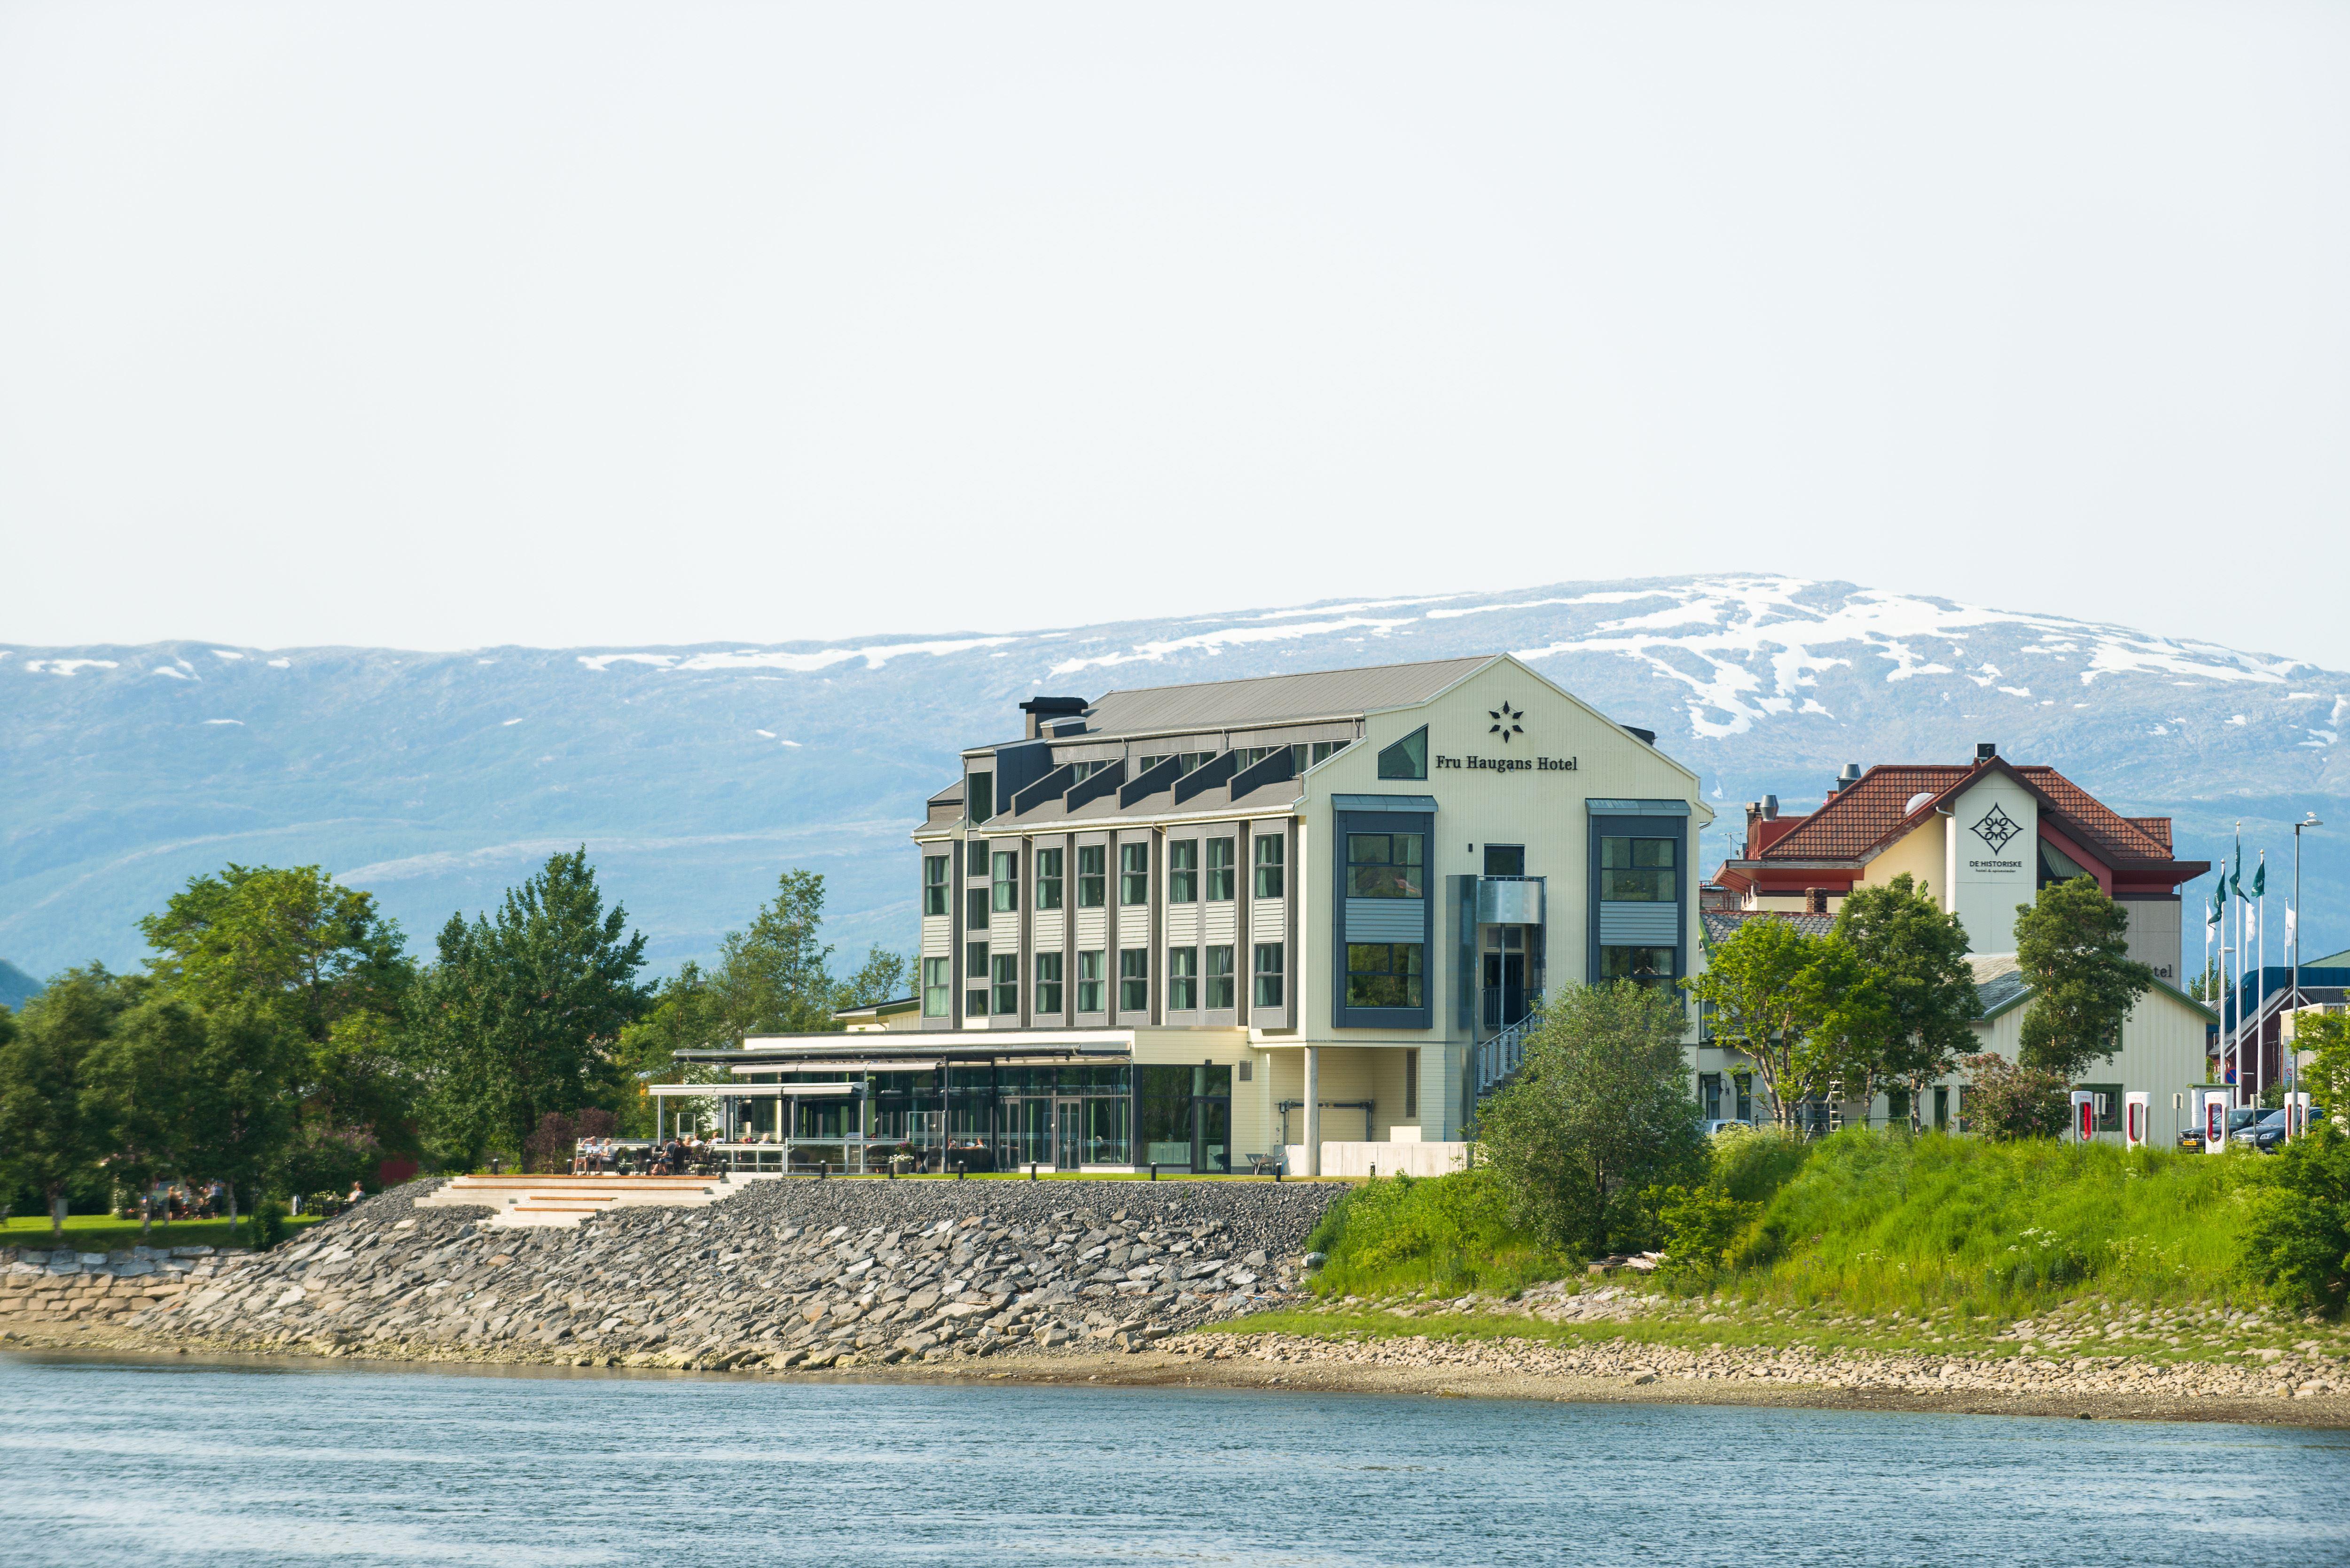 Fru Haugans Hotel,  © Fru Haugans Hotel, Fru Haugans Hotel, Gjestehavn